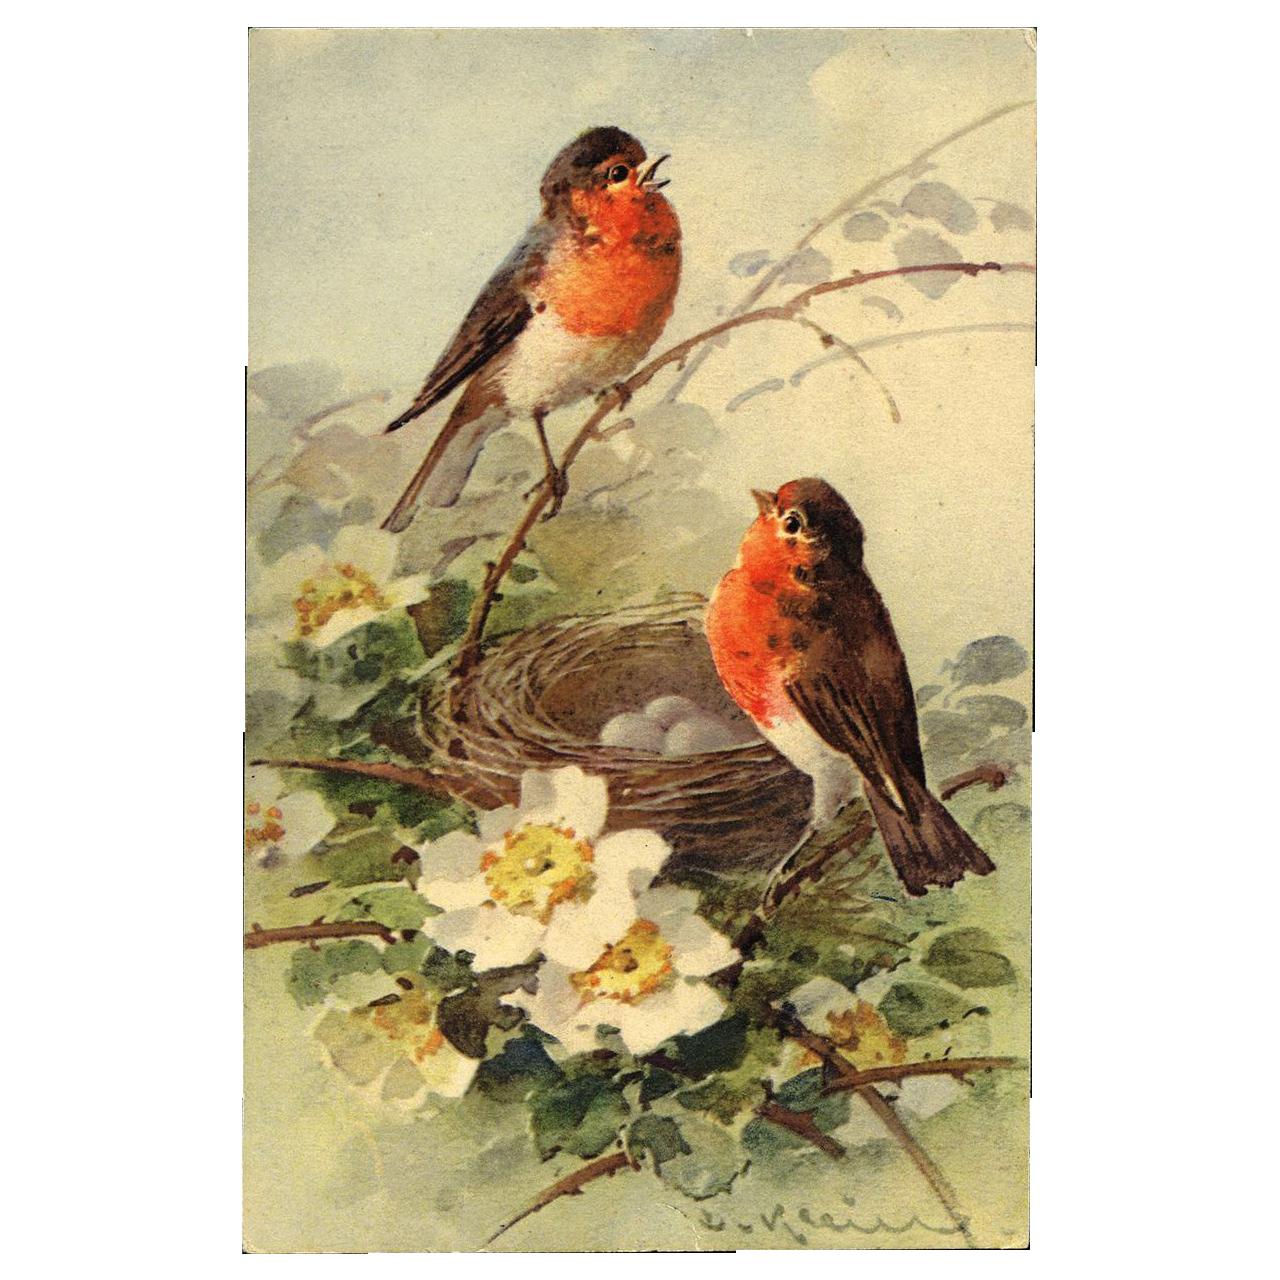 Artist Signed KLEIN Birds Nest Eggs 1911 Postcard LOVE note